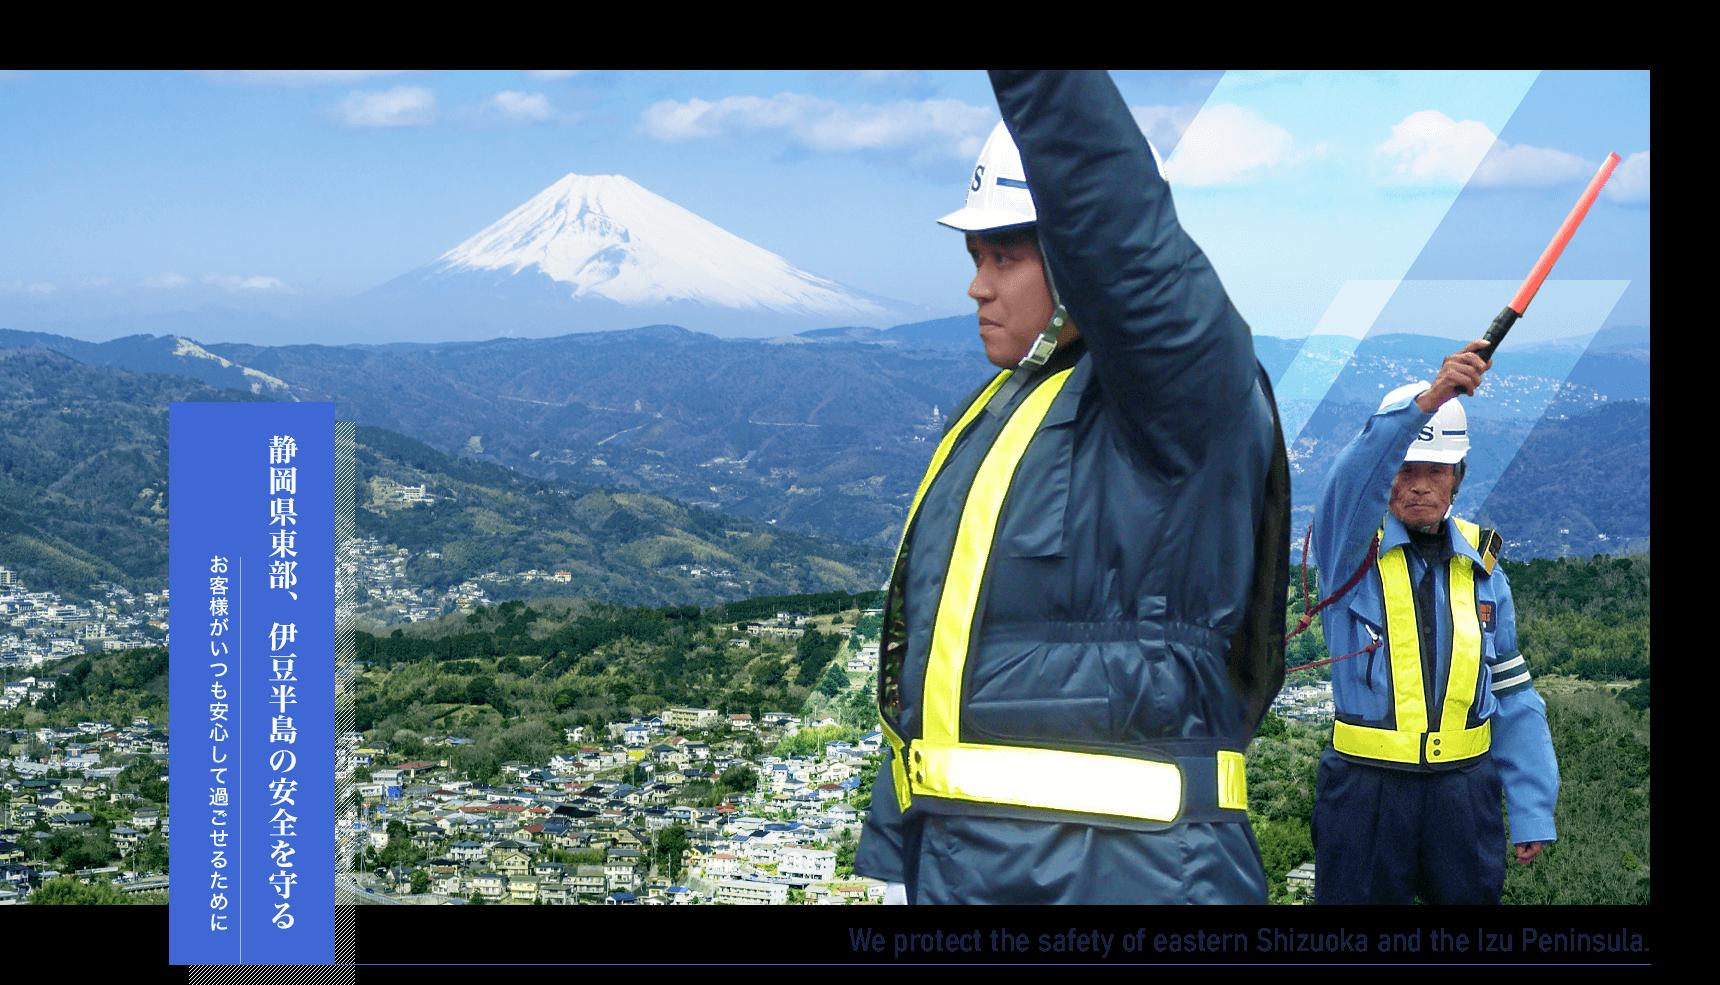 静岡県東部、伊豆半島の安全を守る お客様がいつも安心して過ごせるために